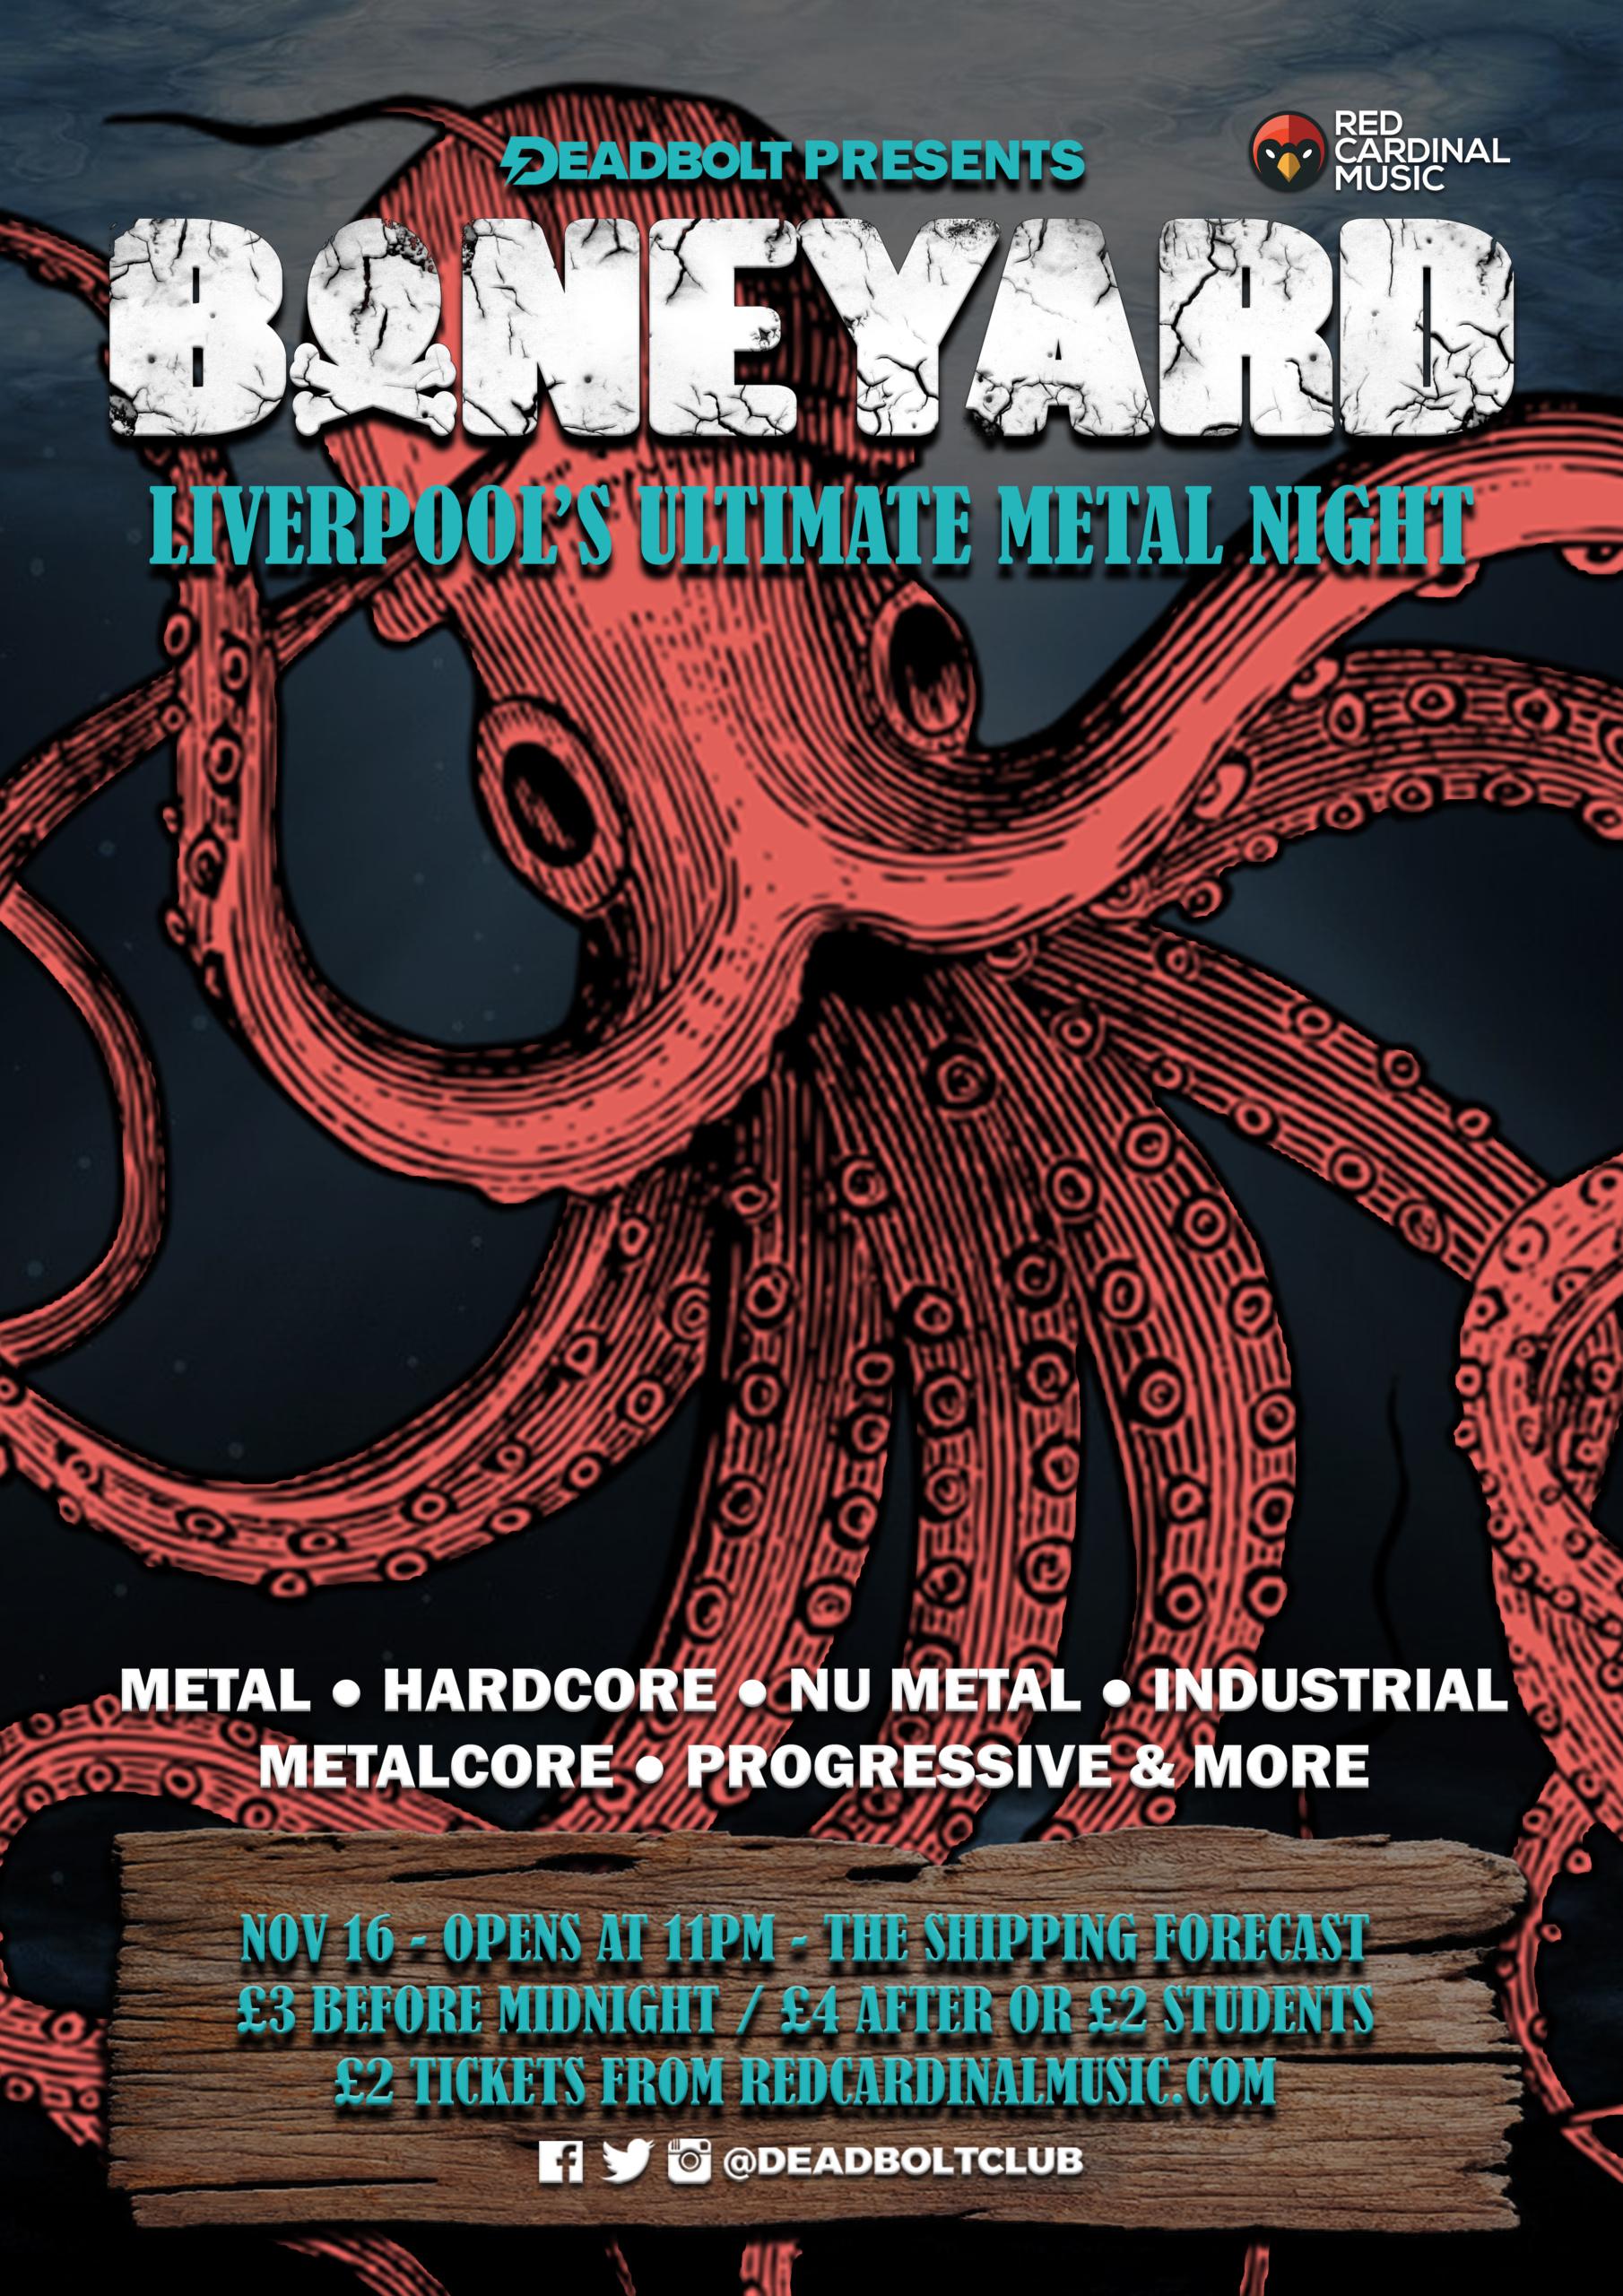 Boneyard Metal Night - Shipping Forecast Liverpool - Nov 19 - Poster - Red Cardinal Music